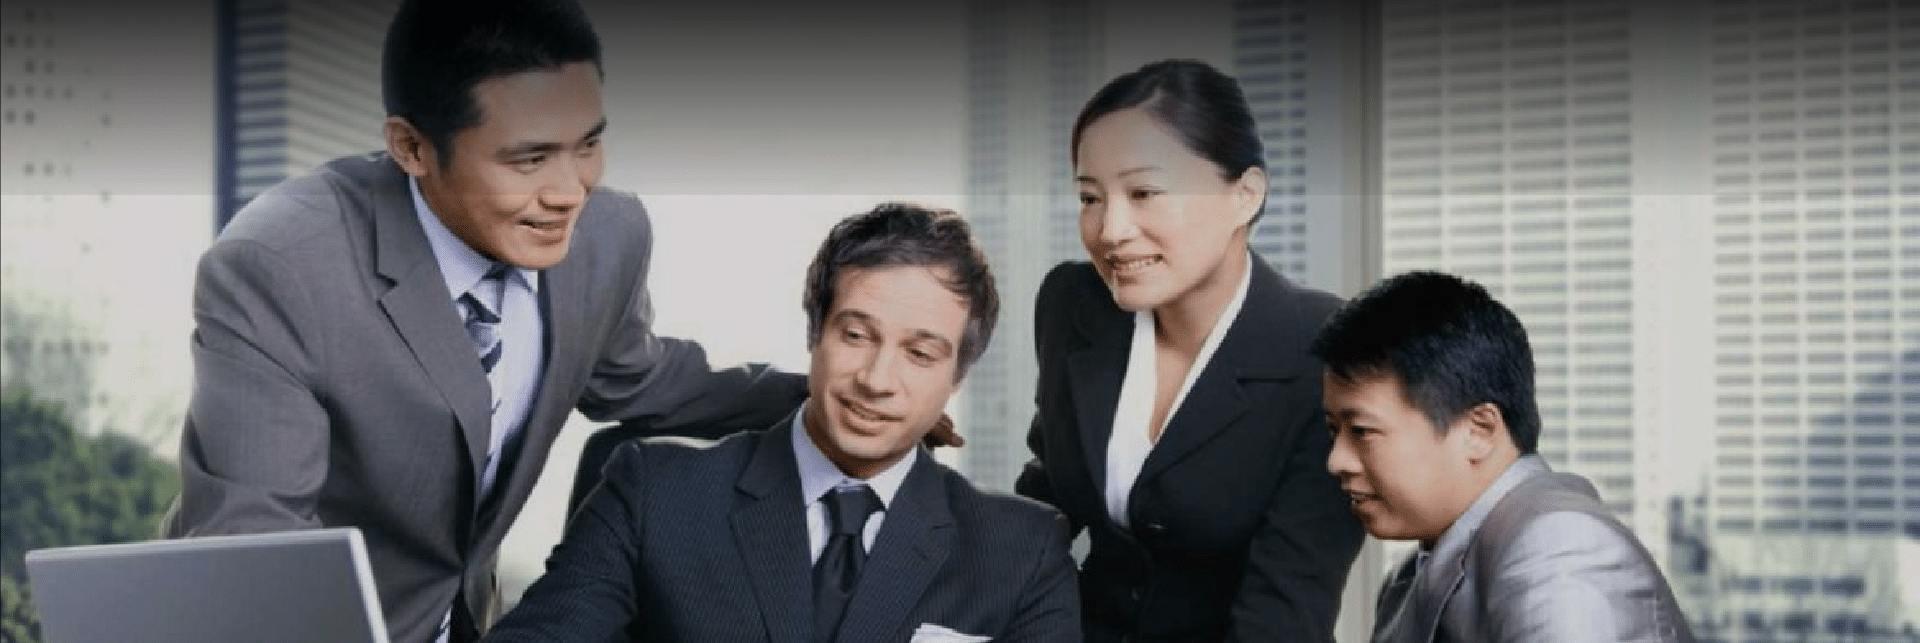 Protocolos internacionales de negocios